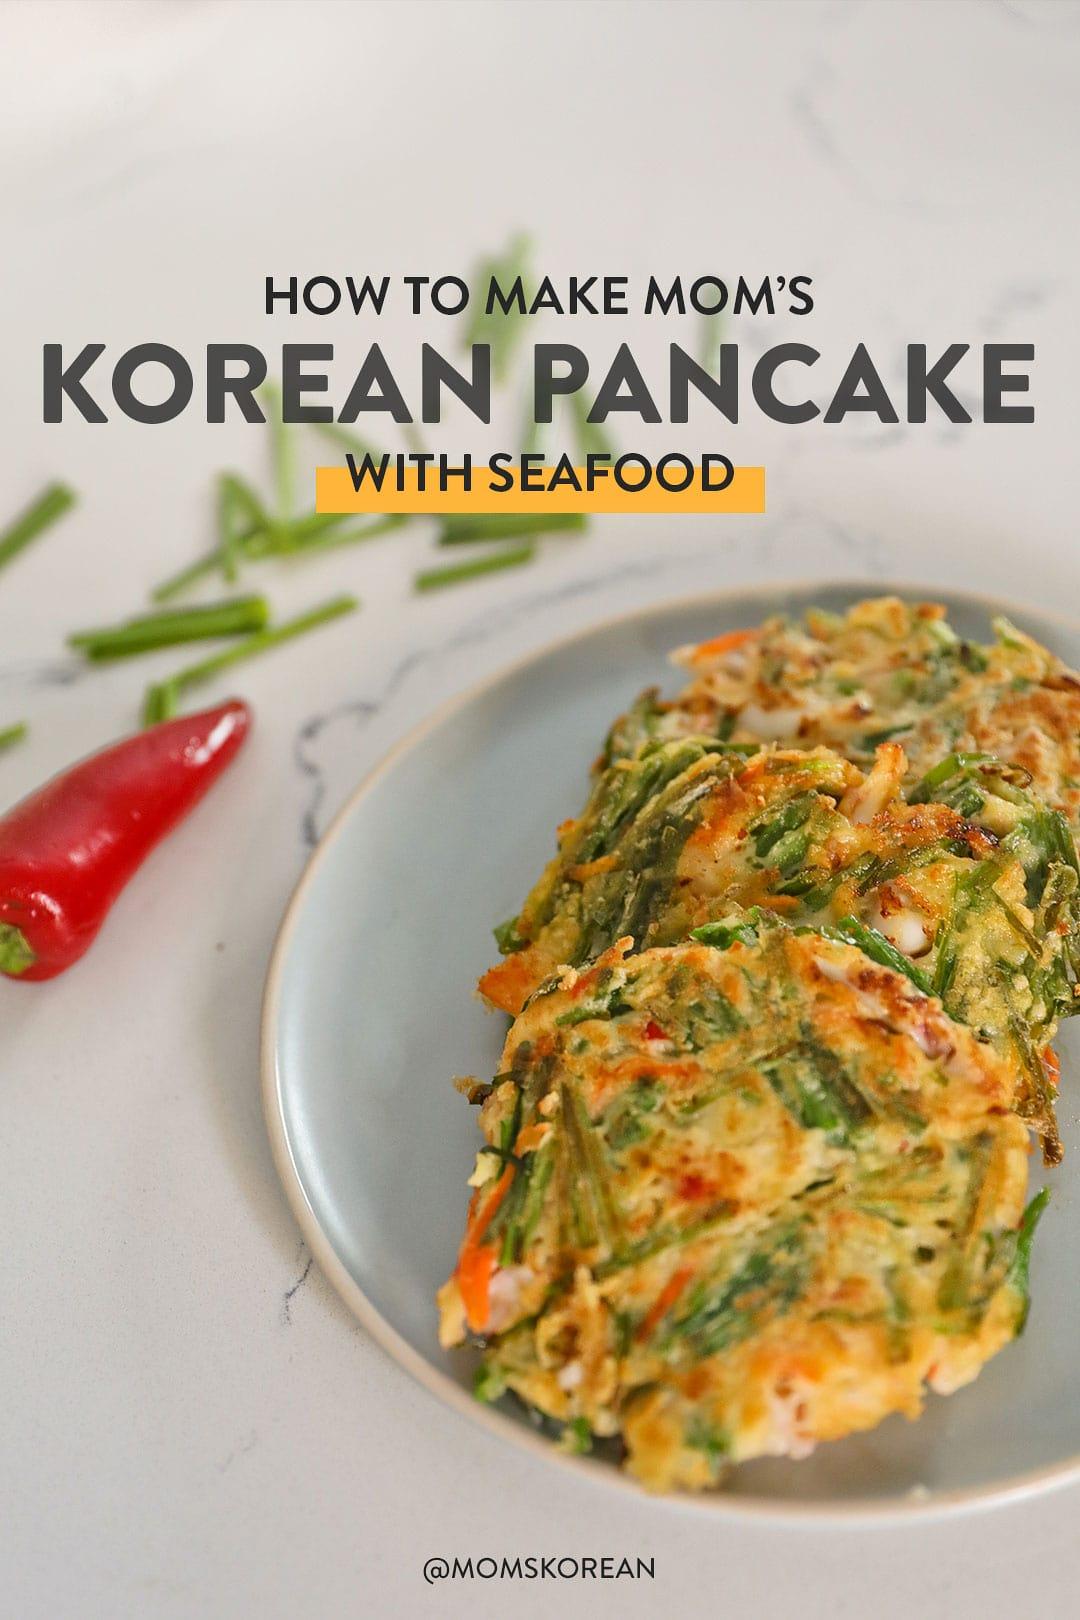 How to Make Haemul Pajeon - Korean Seafood Pancake Recipe